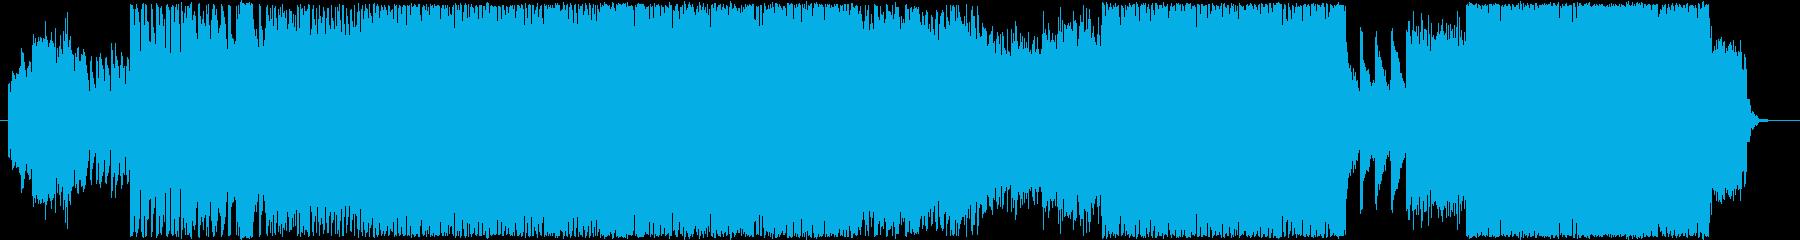 音ゲー風スピードコアの再生済みの波形